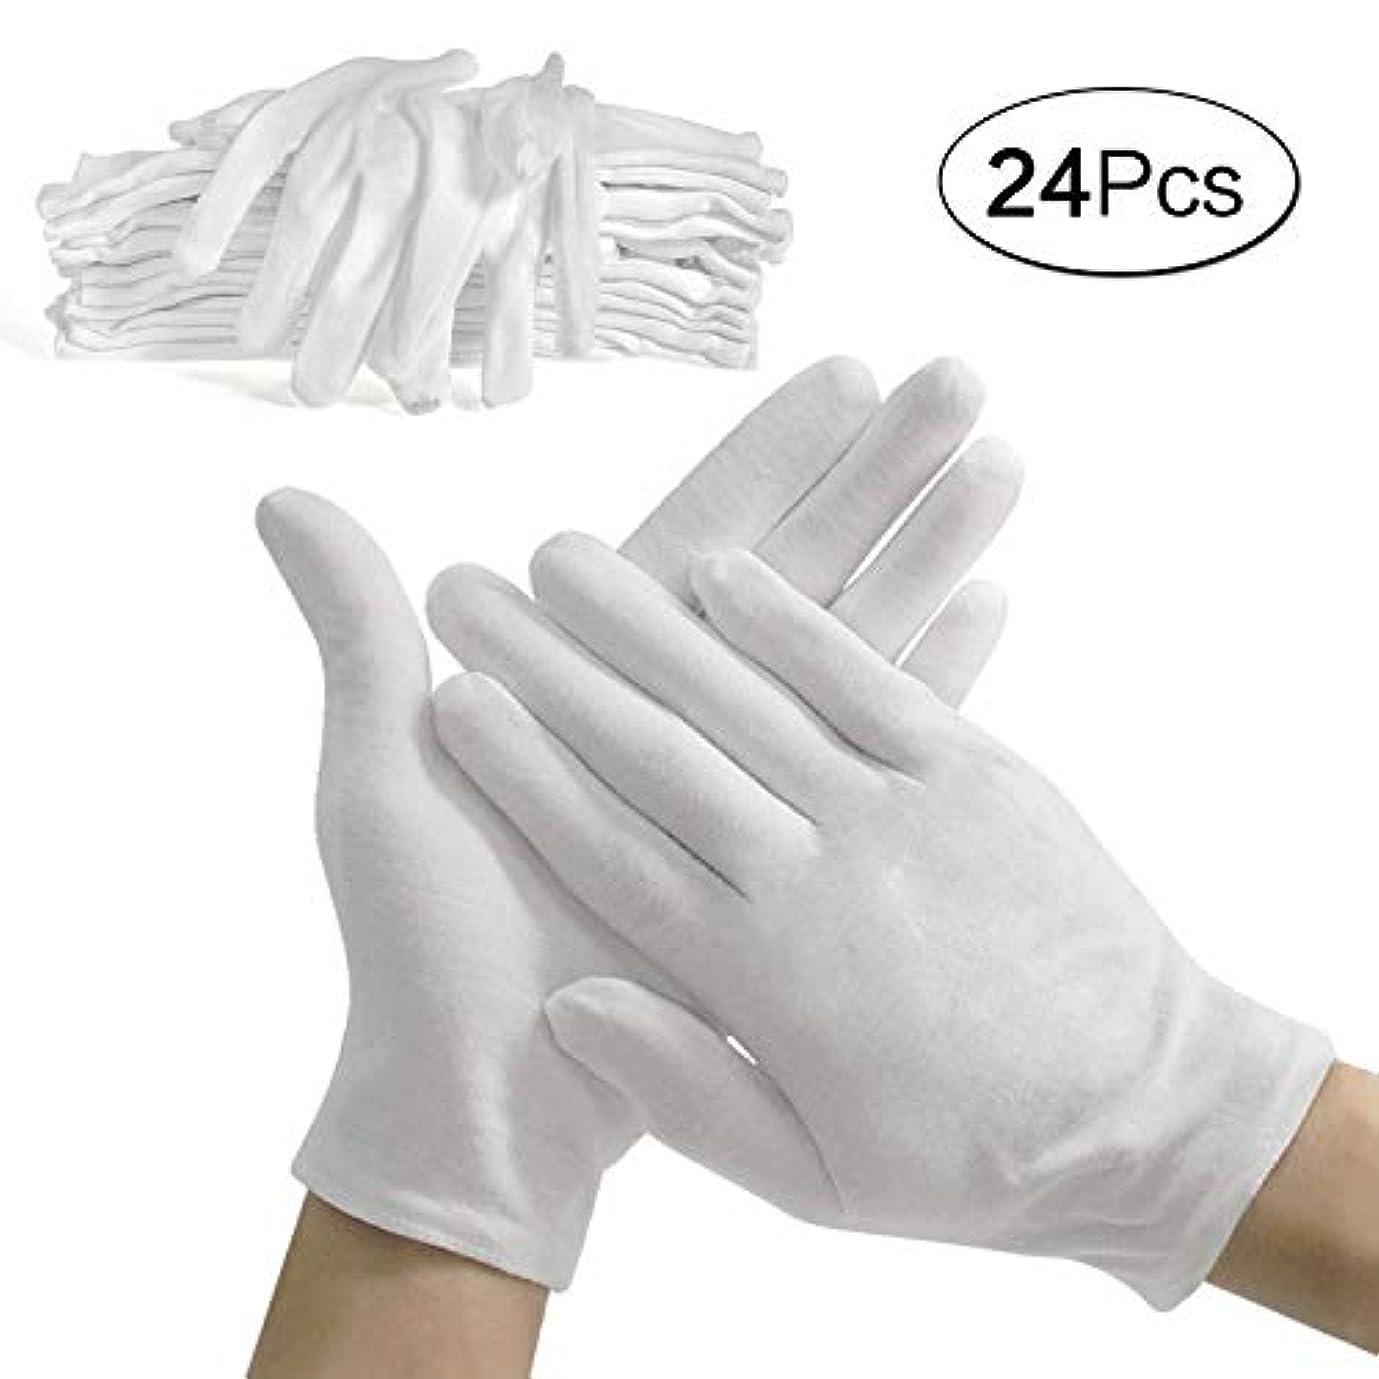 拡張首相離れてコットン手袋 綿手袋 手荒れ 純綿100% 使い捨て 白手袋 薄手 手袋 レディース 12双組 白 M